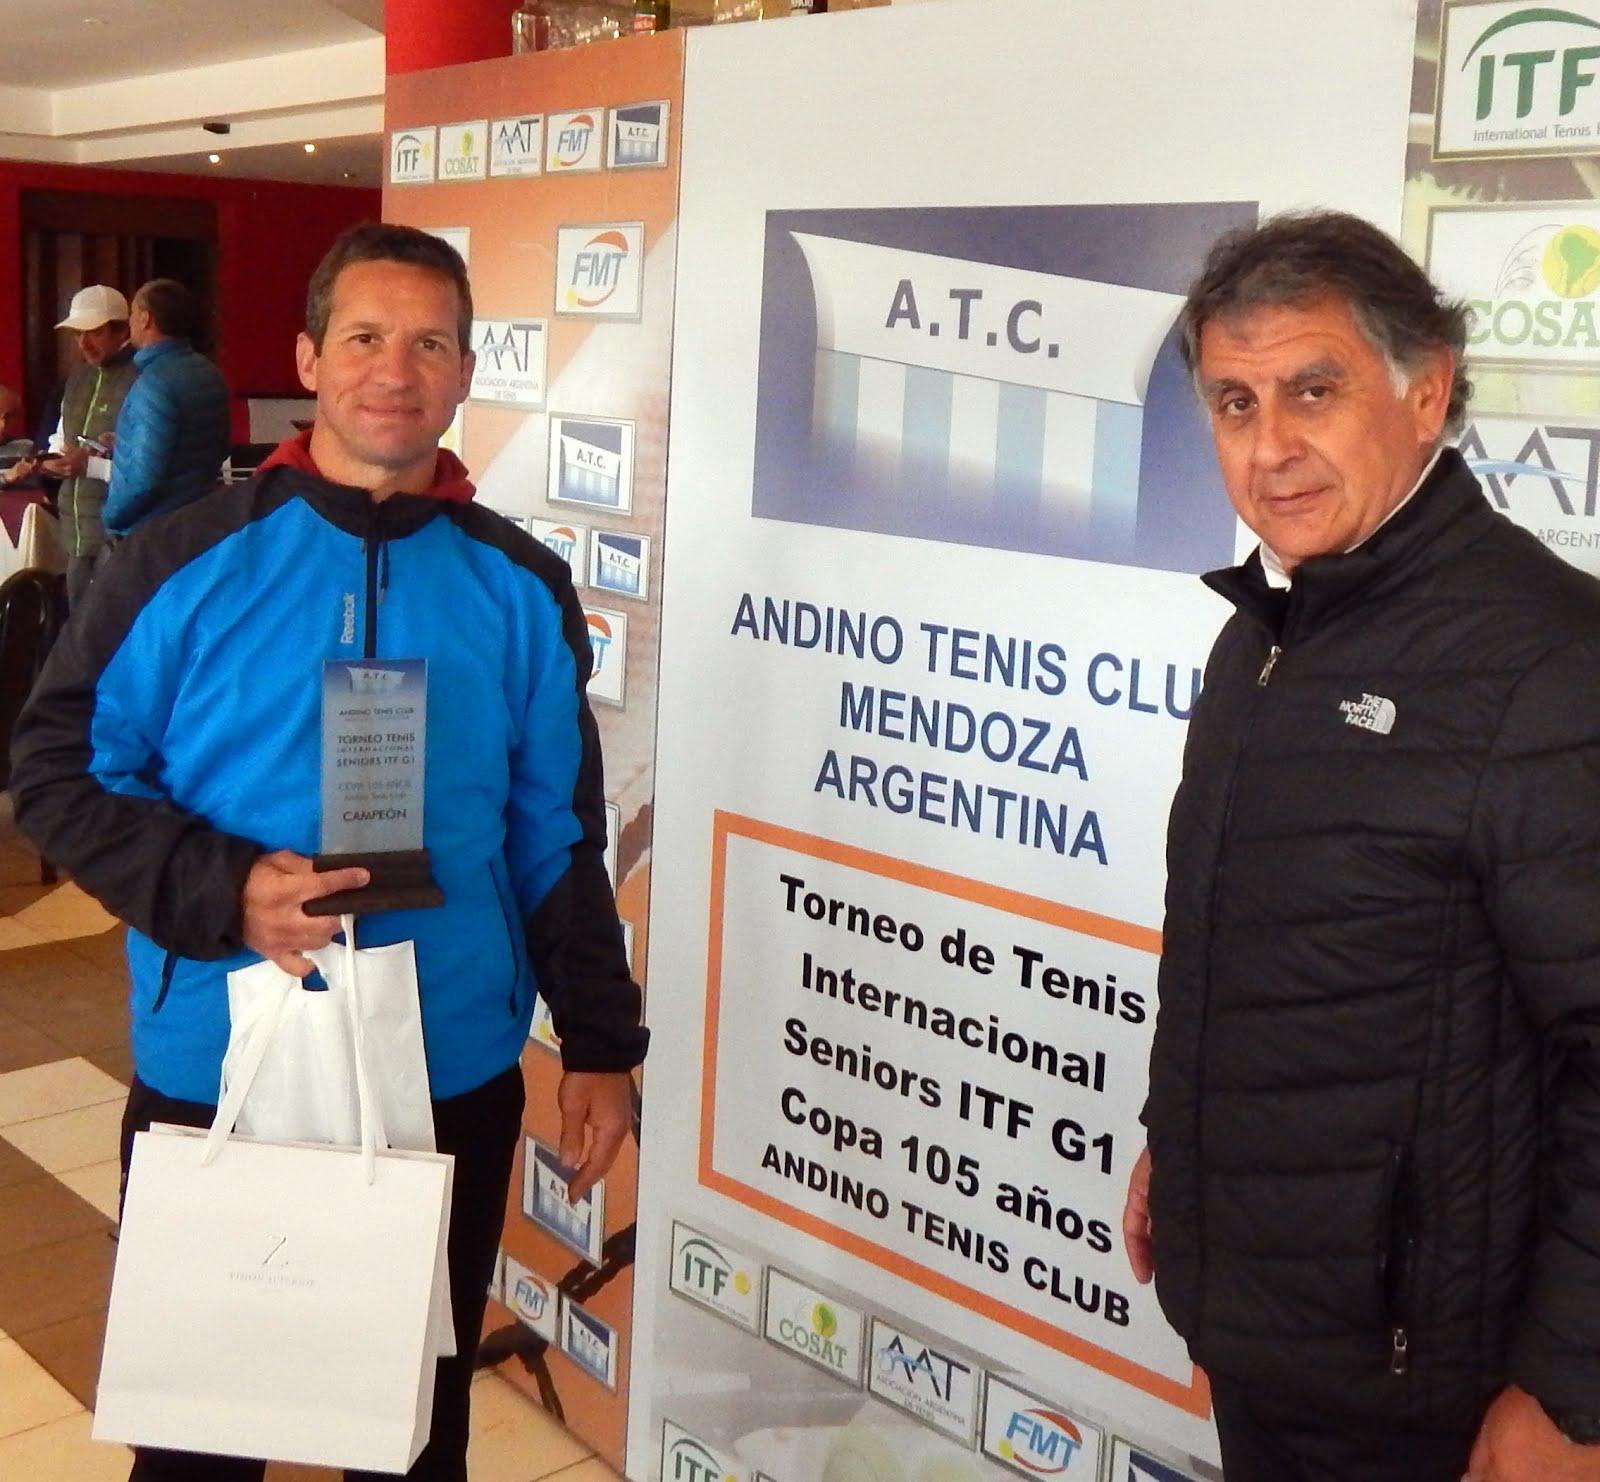 ITF SENIORS G1 COPA 105 AÑOS ANDINO - CAMPEONES